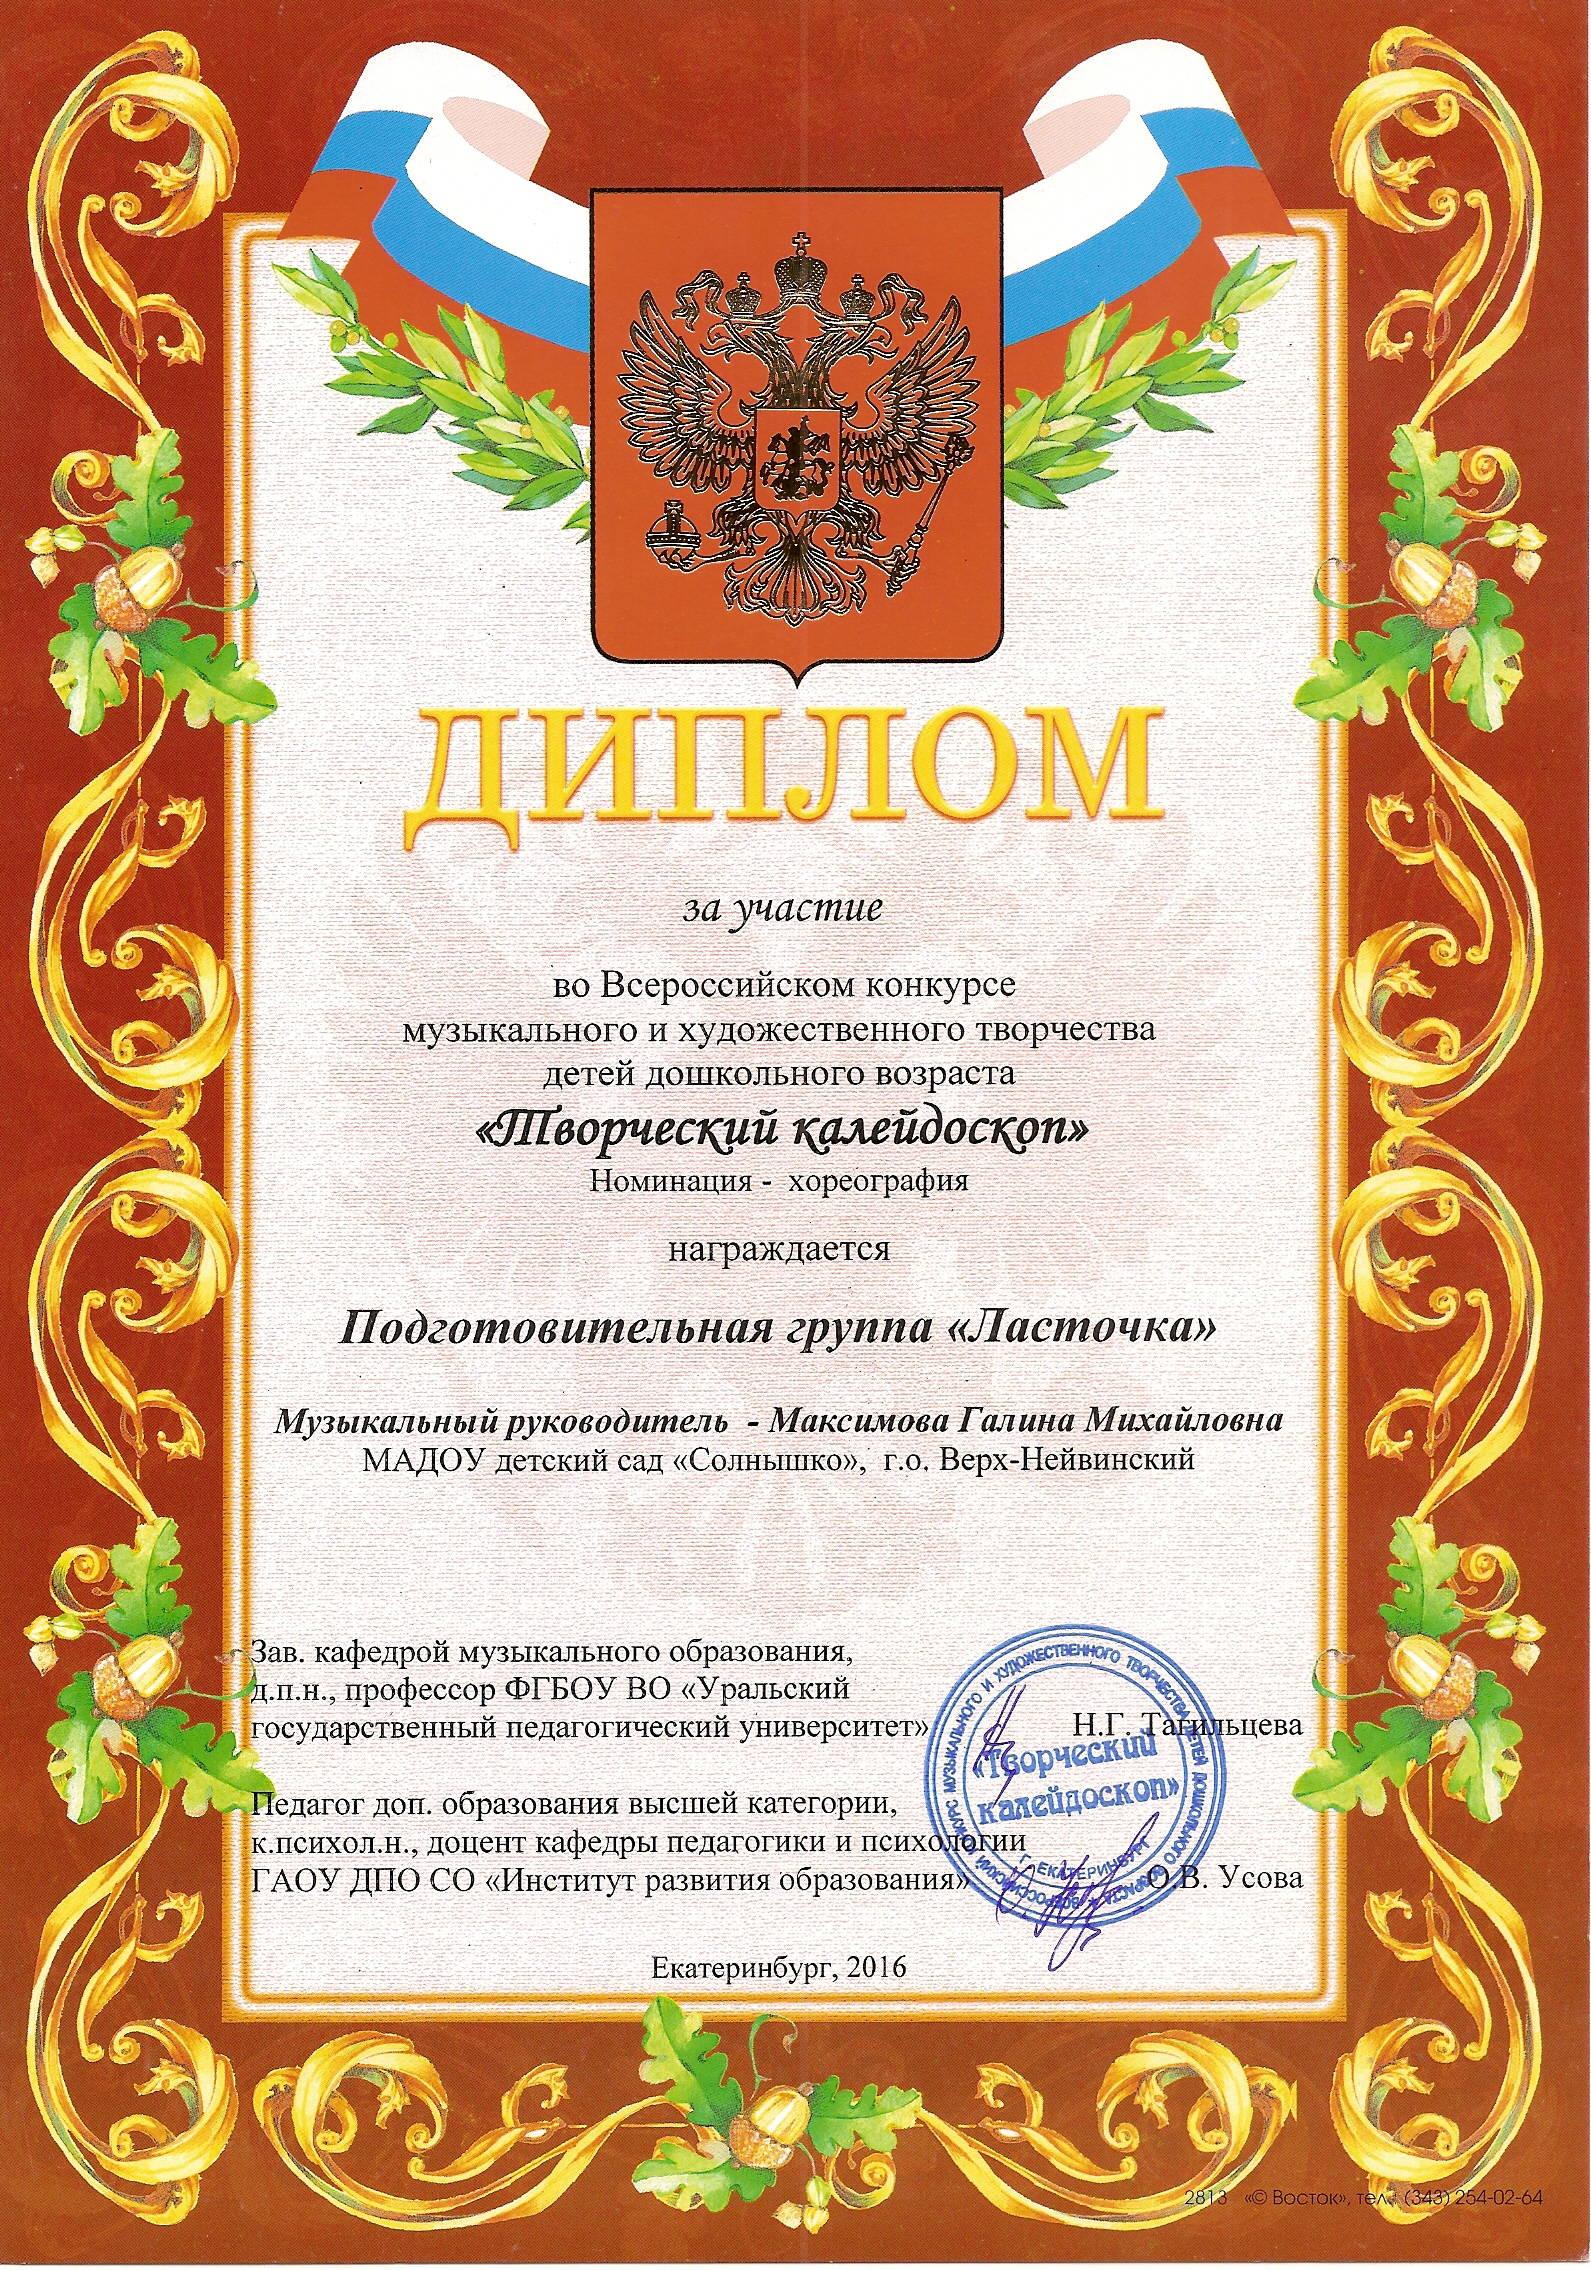 Поздравления музыкальному руководителю